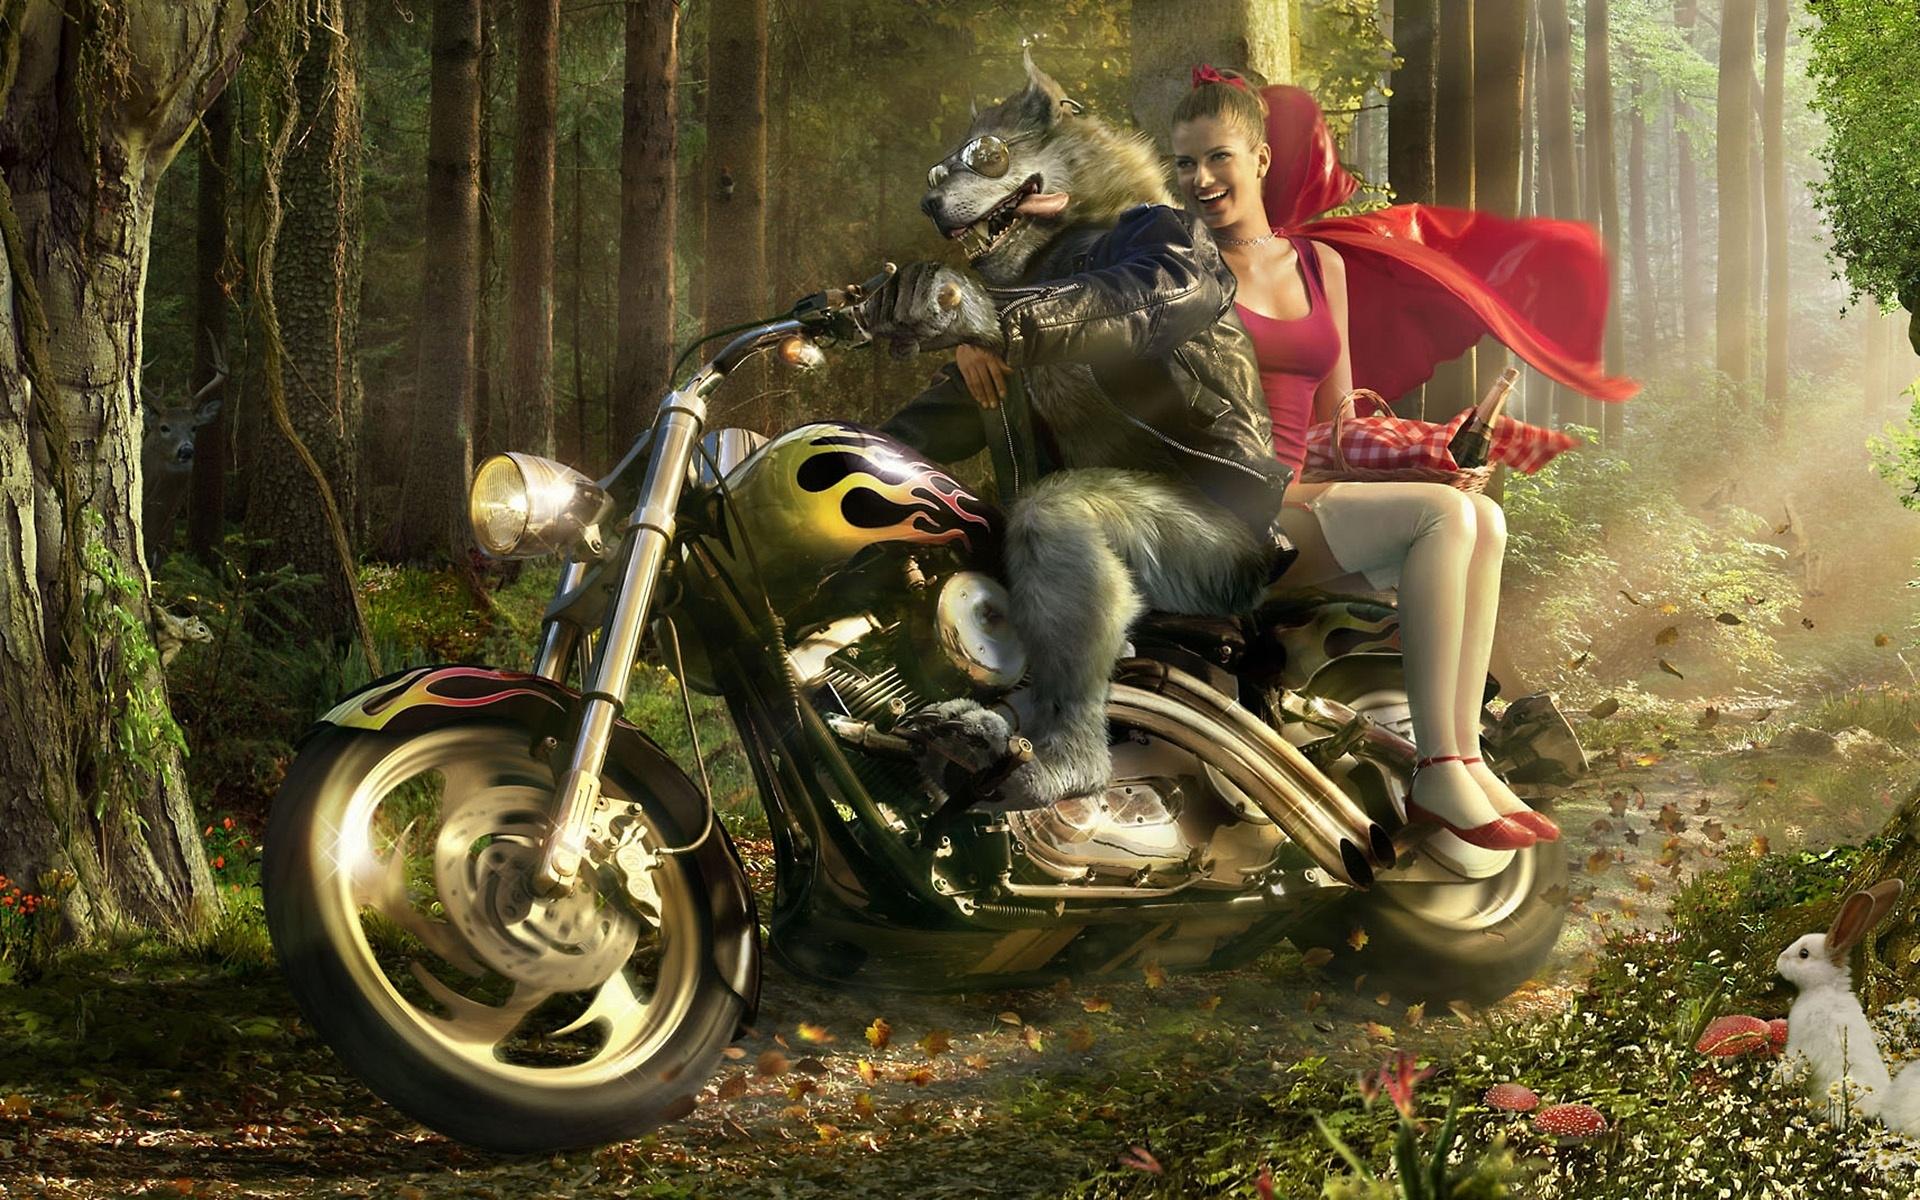 Wolf Biker And Little Red Riding Hood 1080P Wallpaper